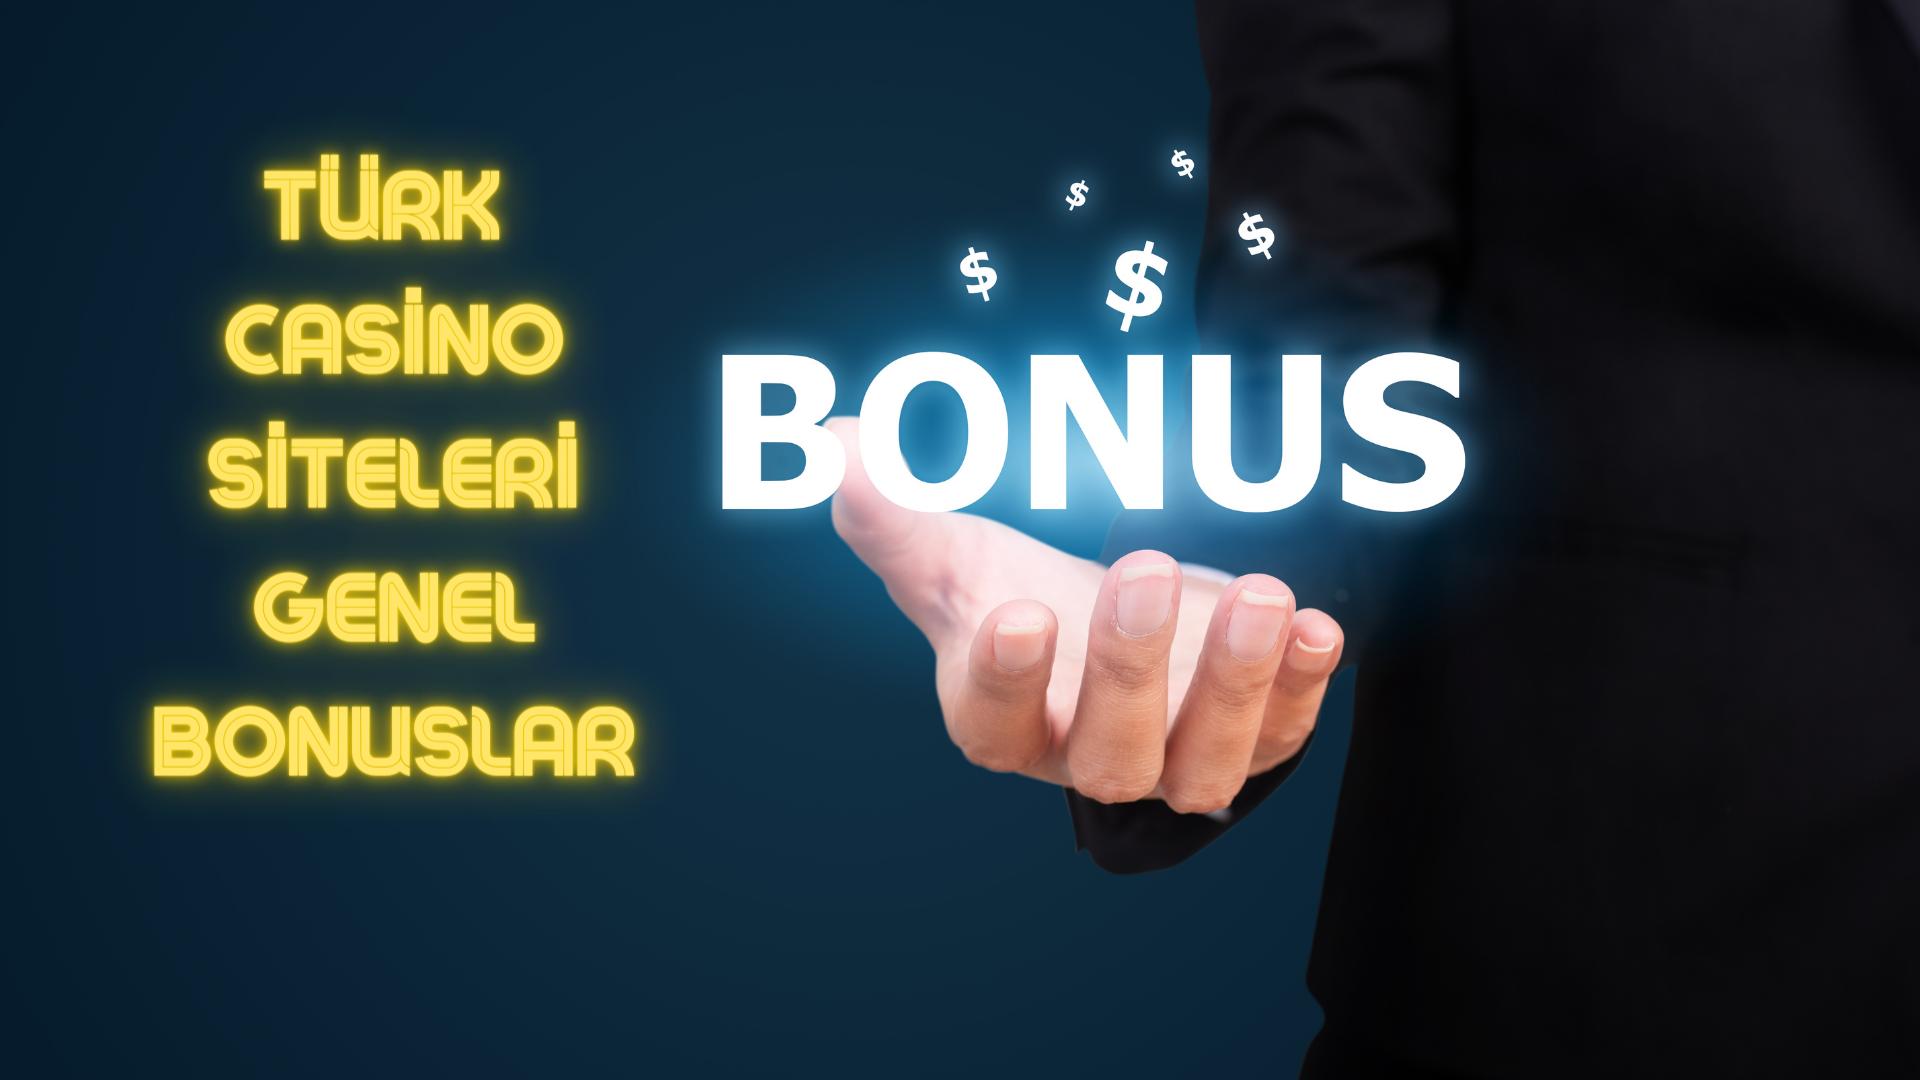 Casino Bonus - Casino Siteleri